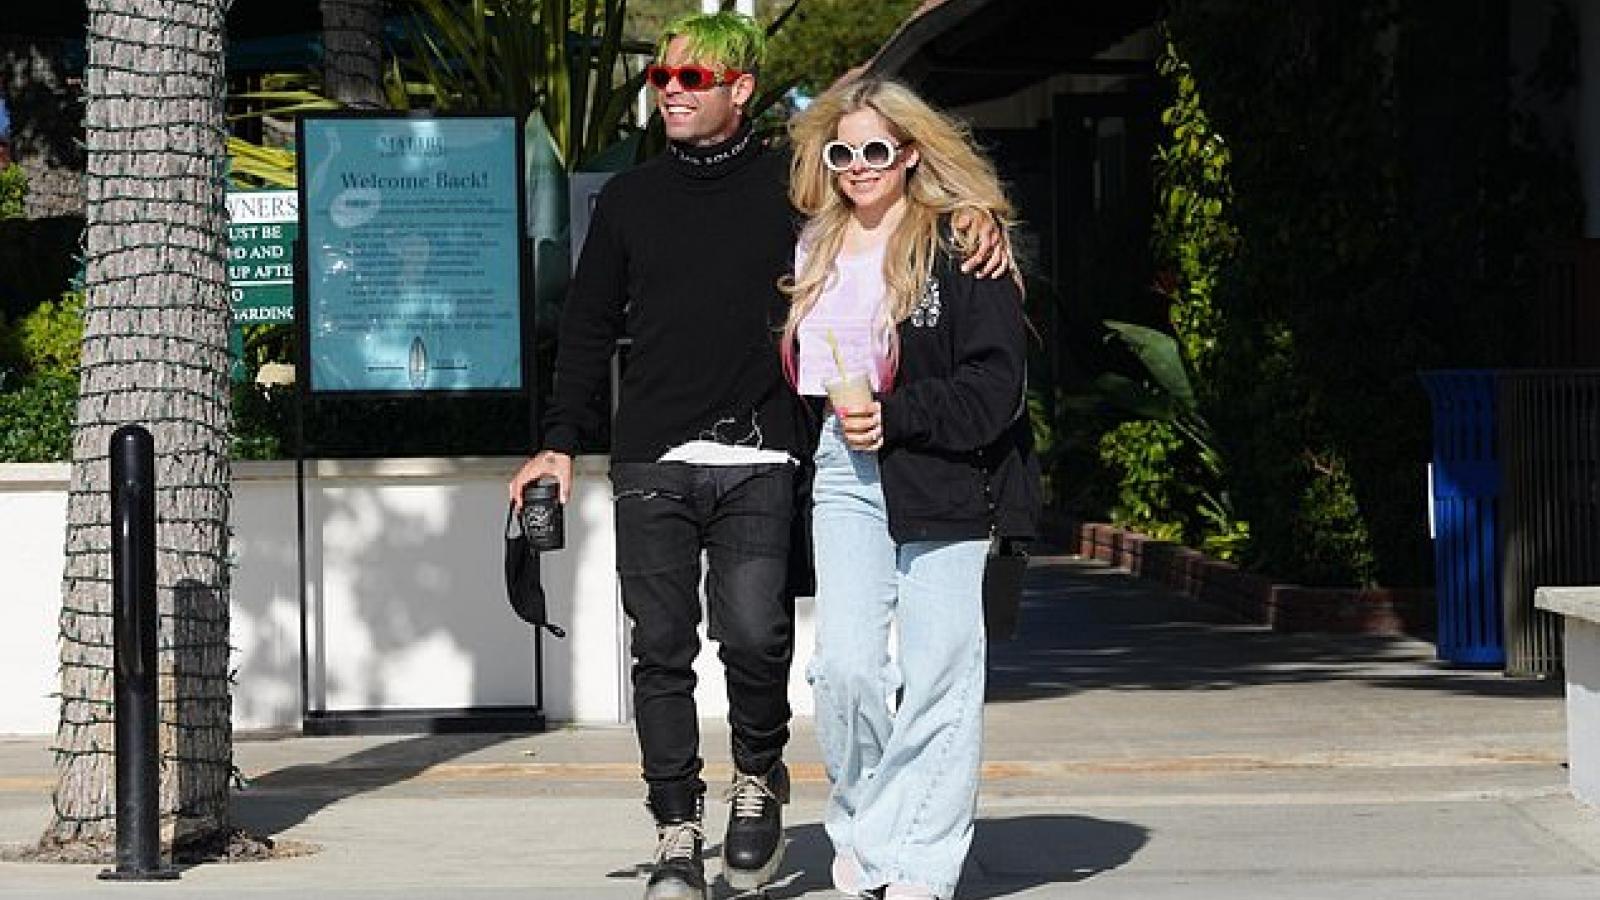 Ca sĩ Avril Lavigne rạng rỡ đi uống cafe cùng bạn trai